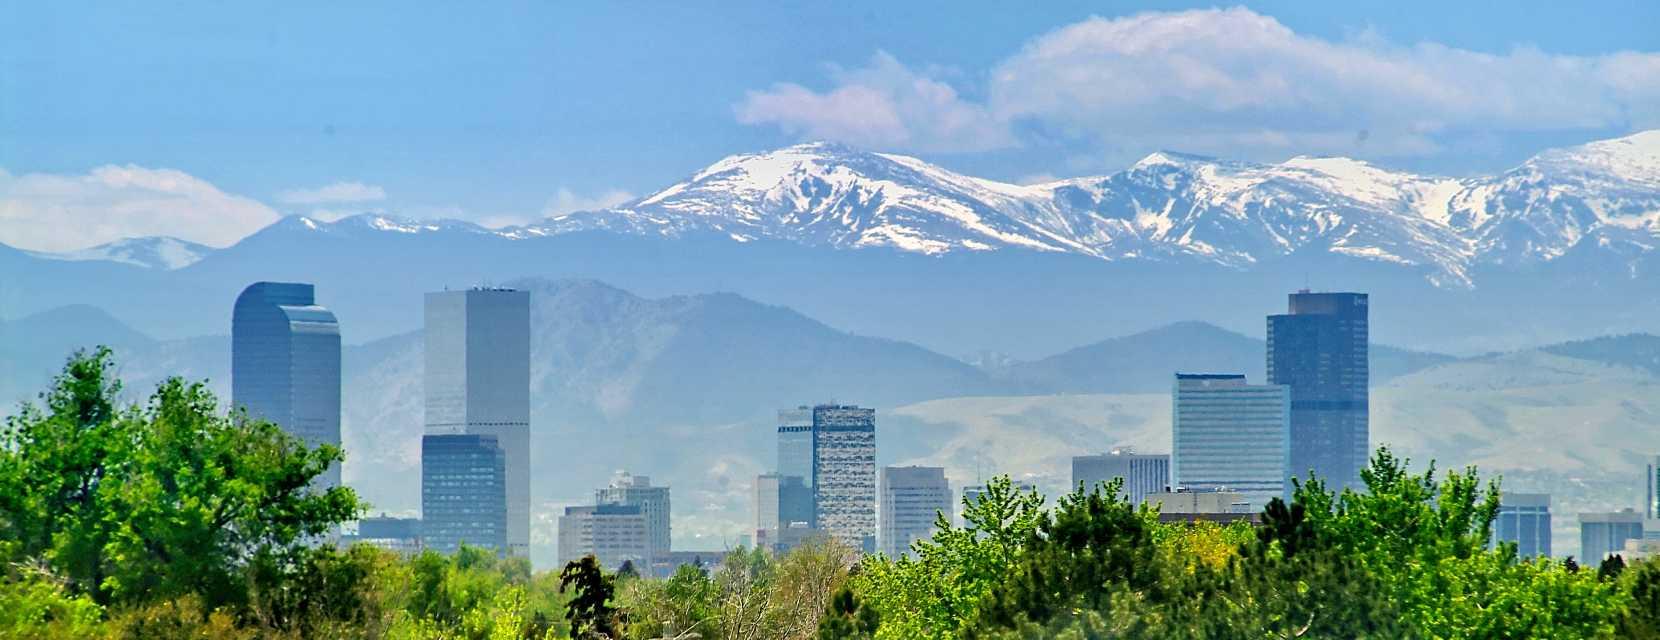 Denver skyline mountains los libros resumidos de for Ikea hours denver